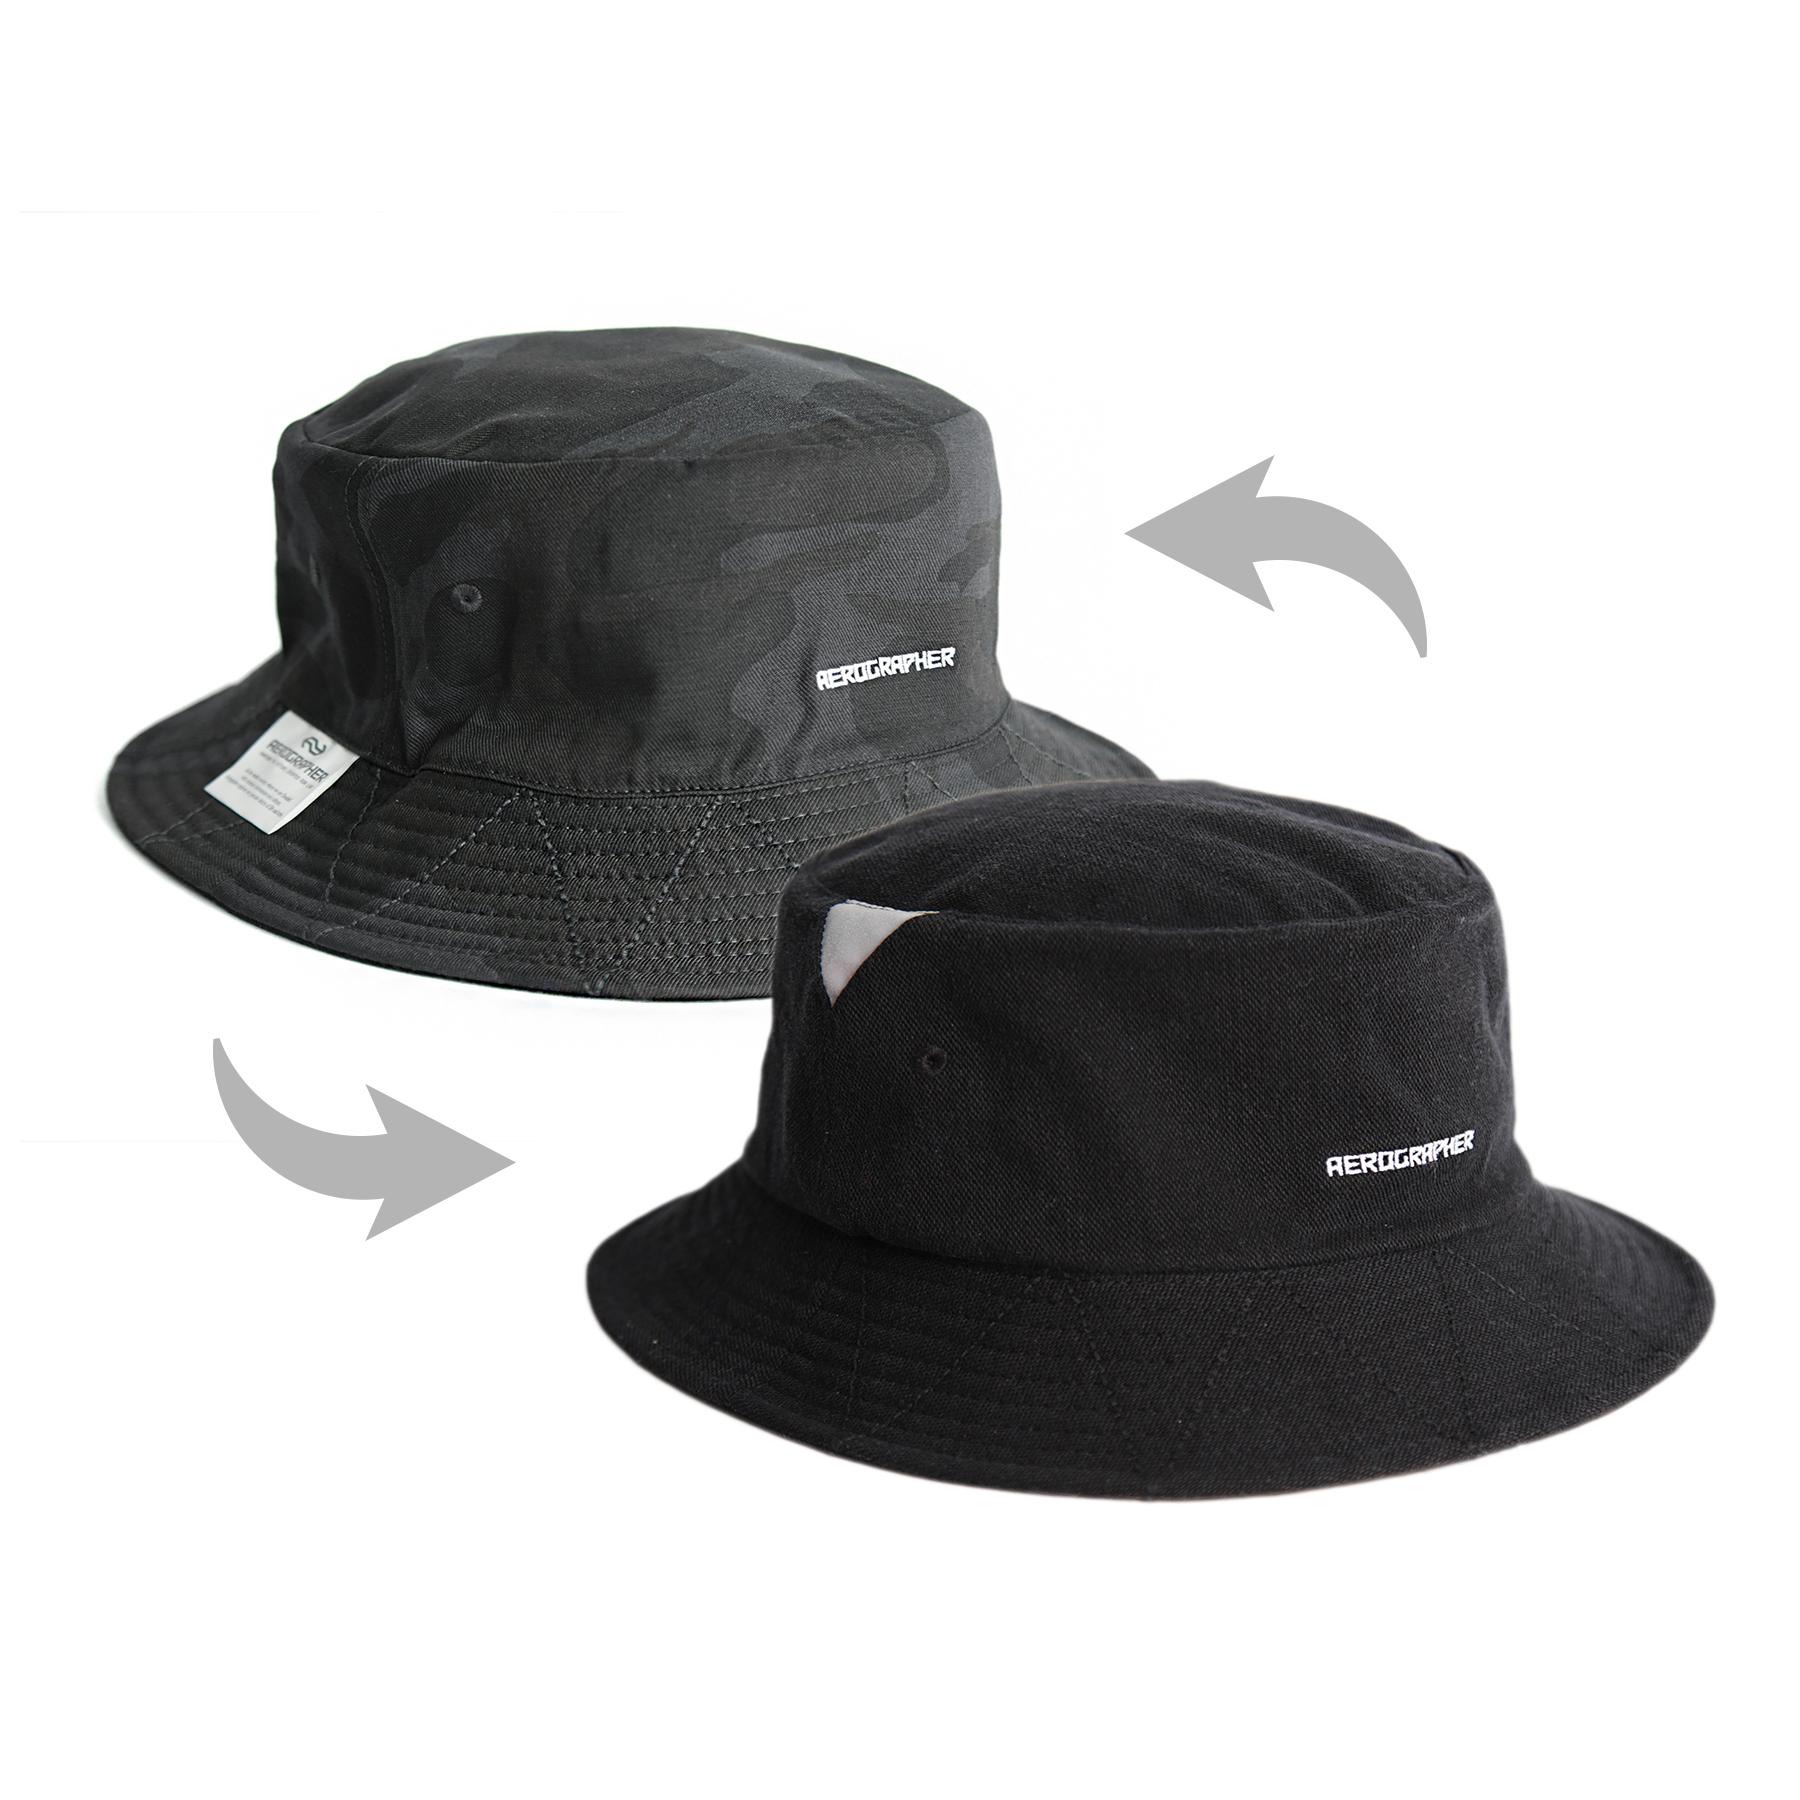 2Way Bucket Hat - Black / Camo